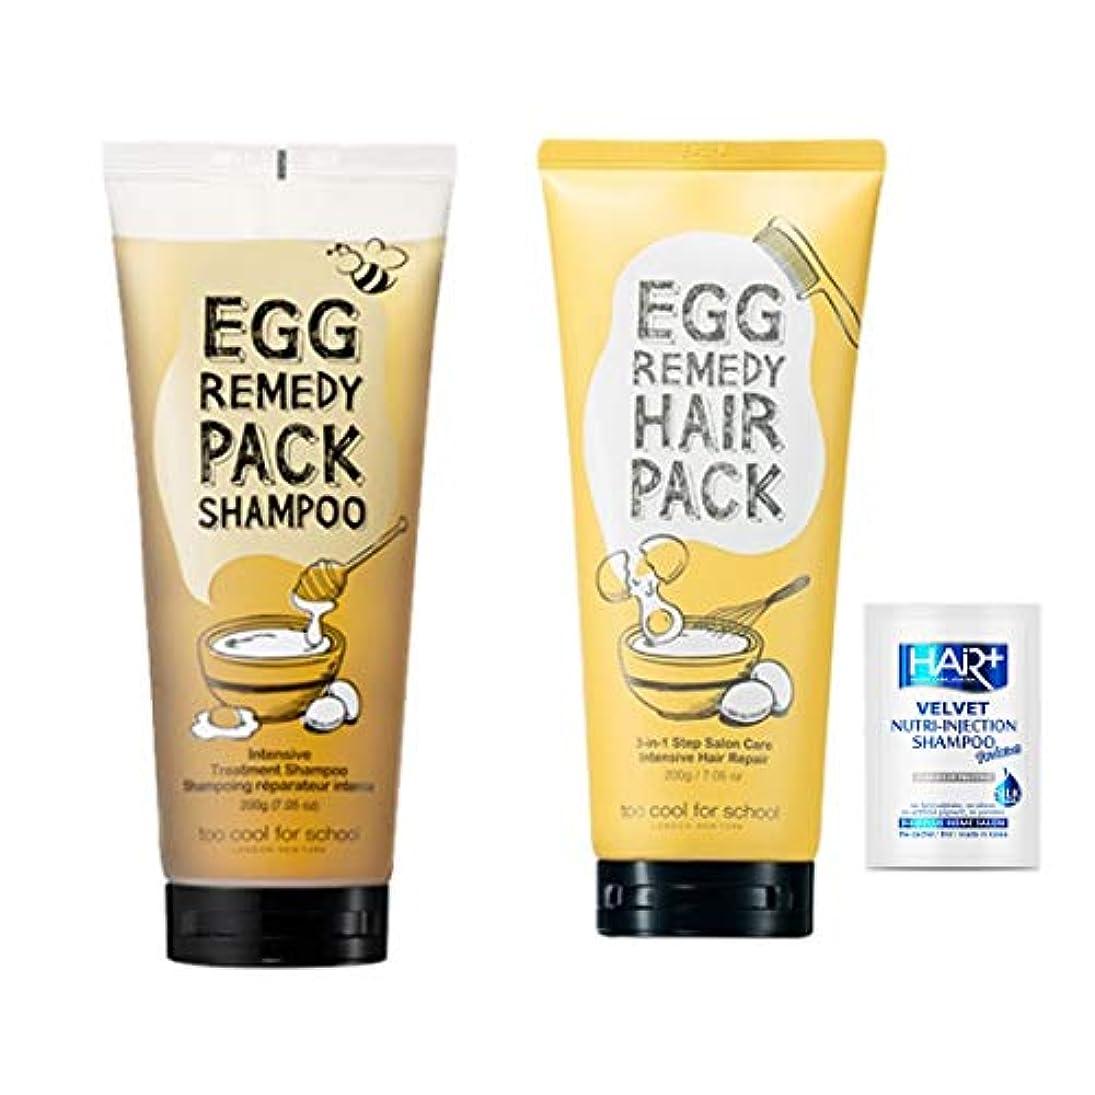 アロング裁判官憂慮すべきトゥークールフォ―スクール(too cool for school)/エッグレミディパックシャンプーtoo cool for school Egg Remedy Pack Shampoo 200ml + エッグレミディヘアパック...